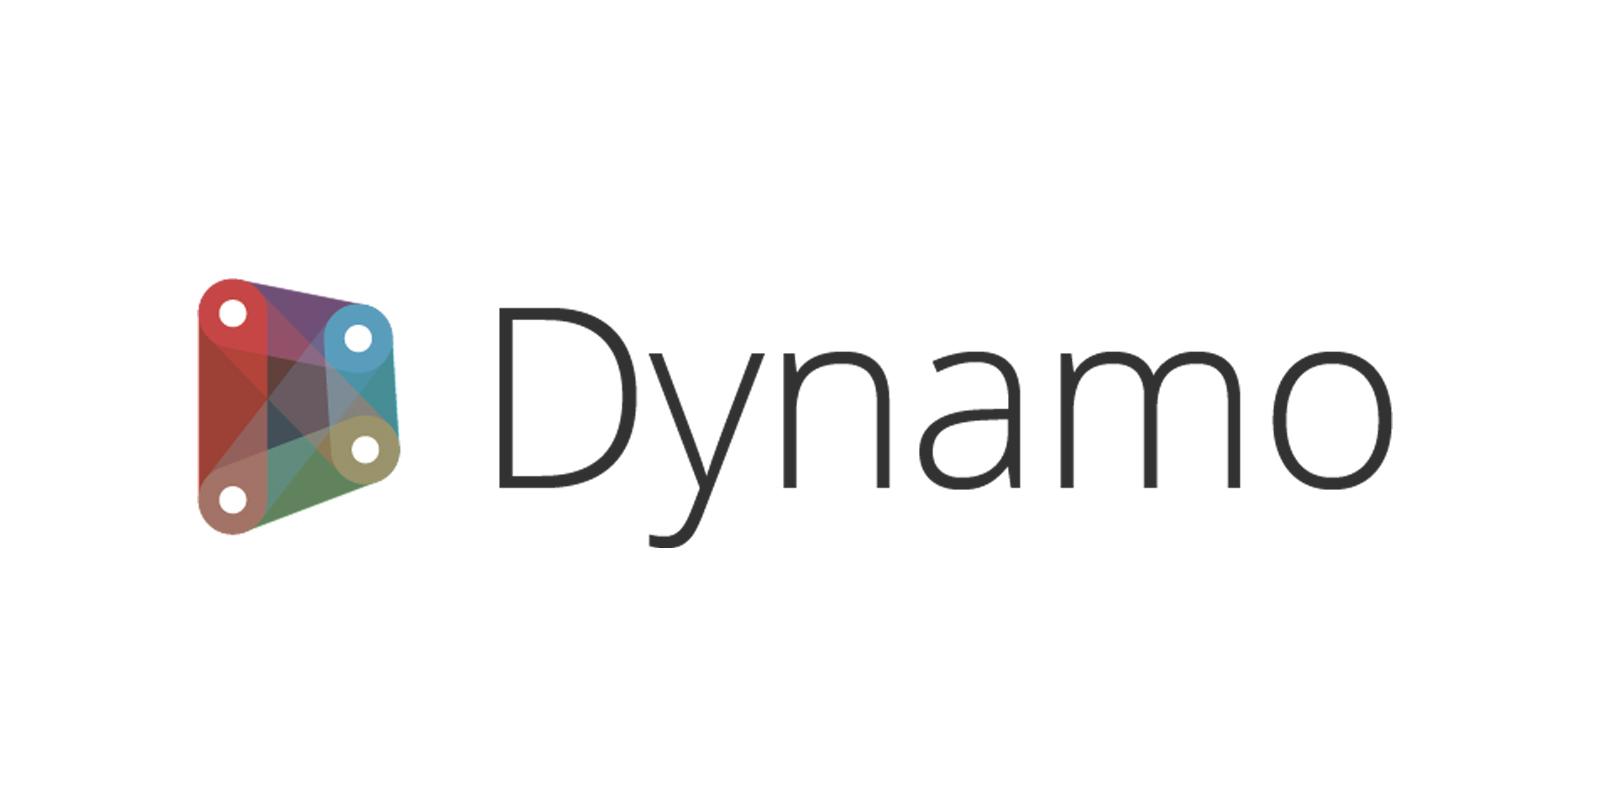 Dynamo | parametricmonkey